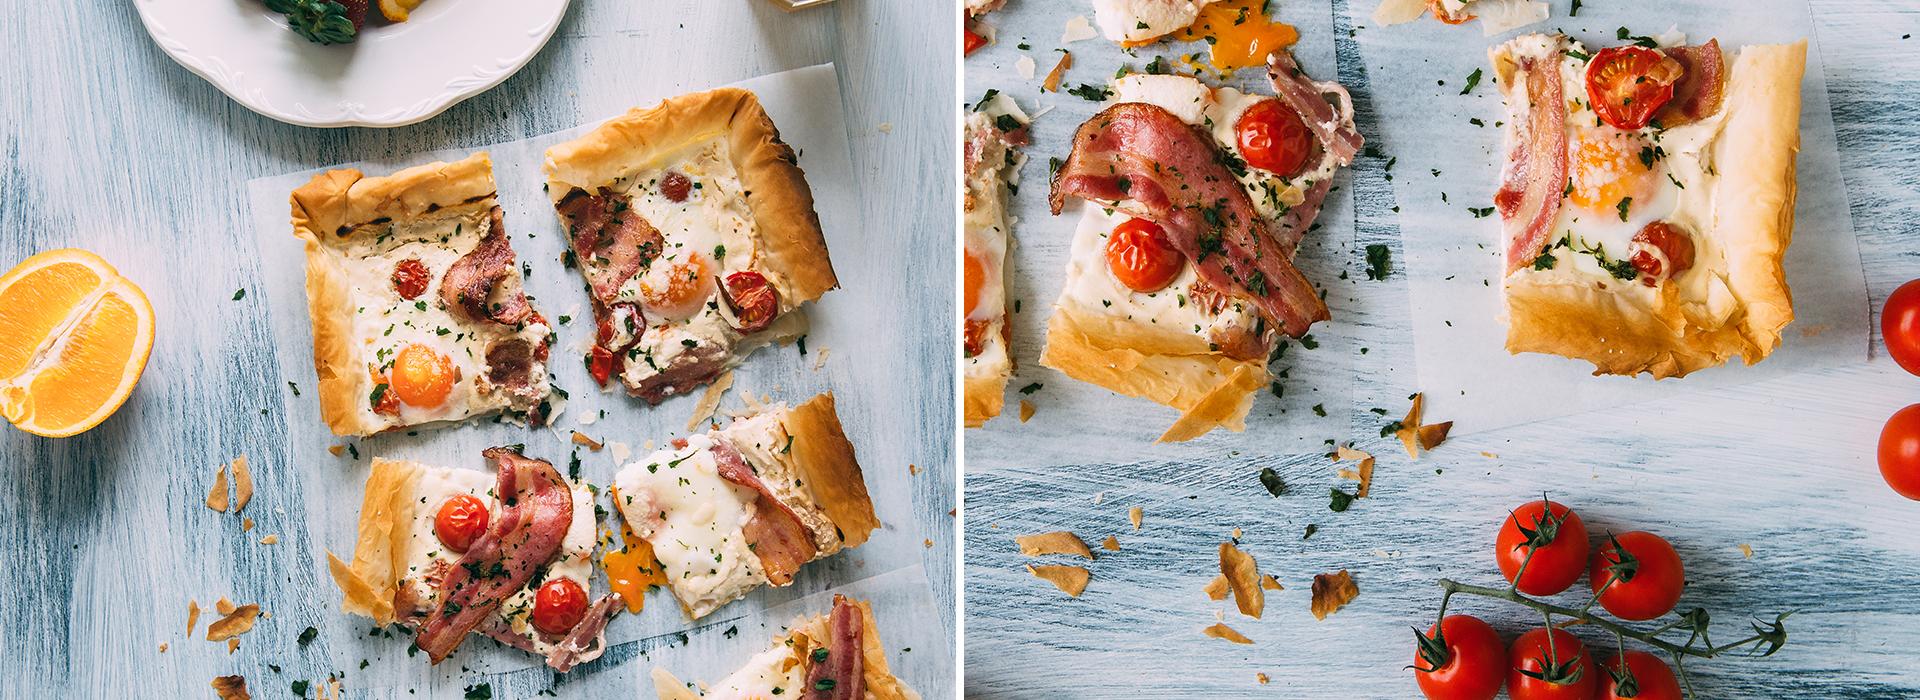 0514_AFP-bacon-egg-tomato-tart_003.jpg